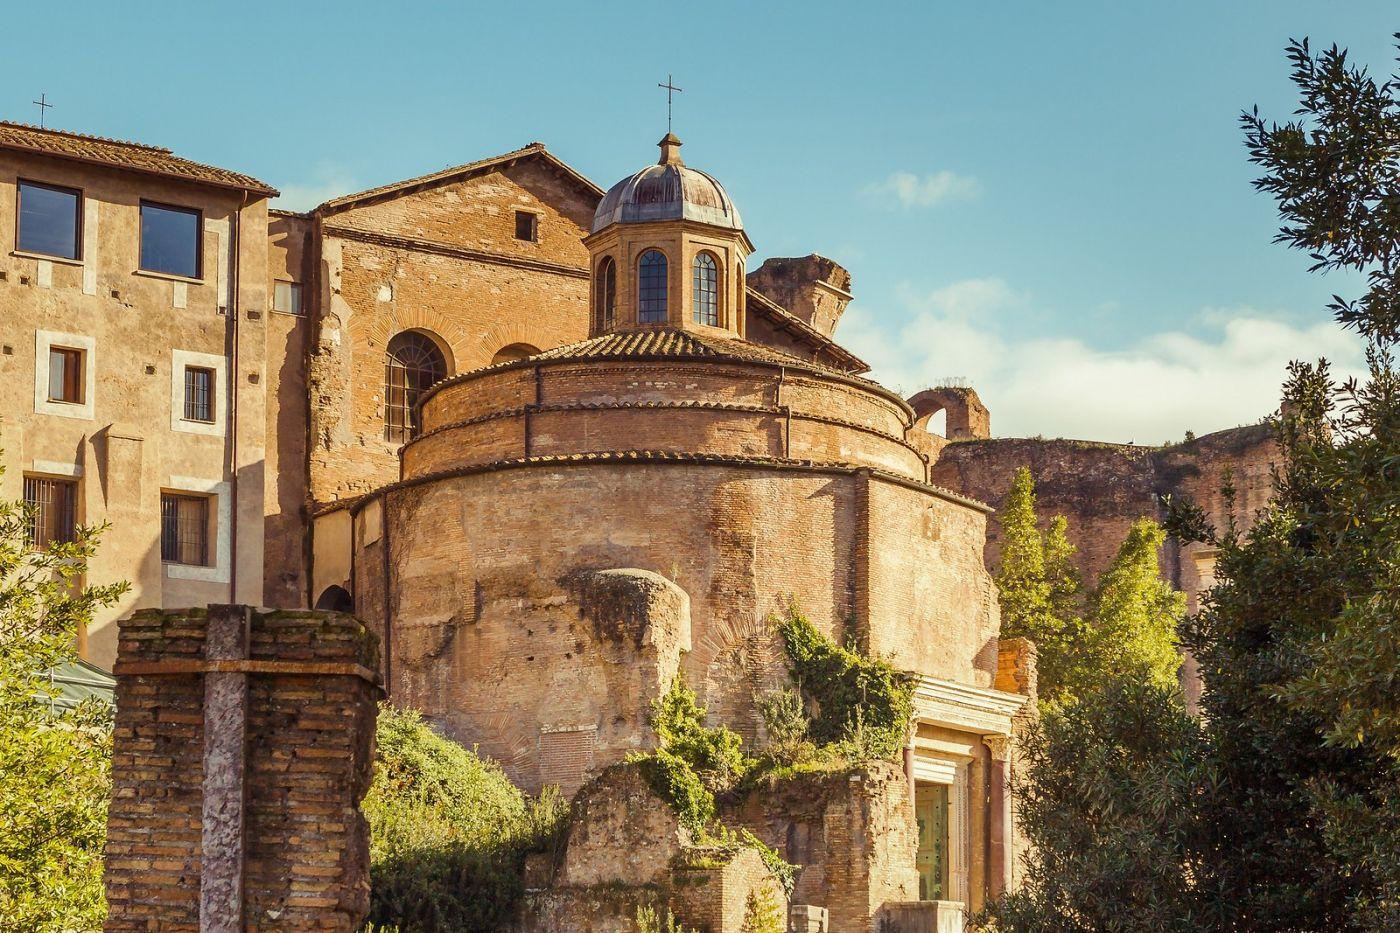 意大利罗马论坛,二千年的历史_图1-6